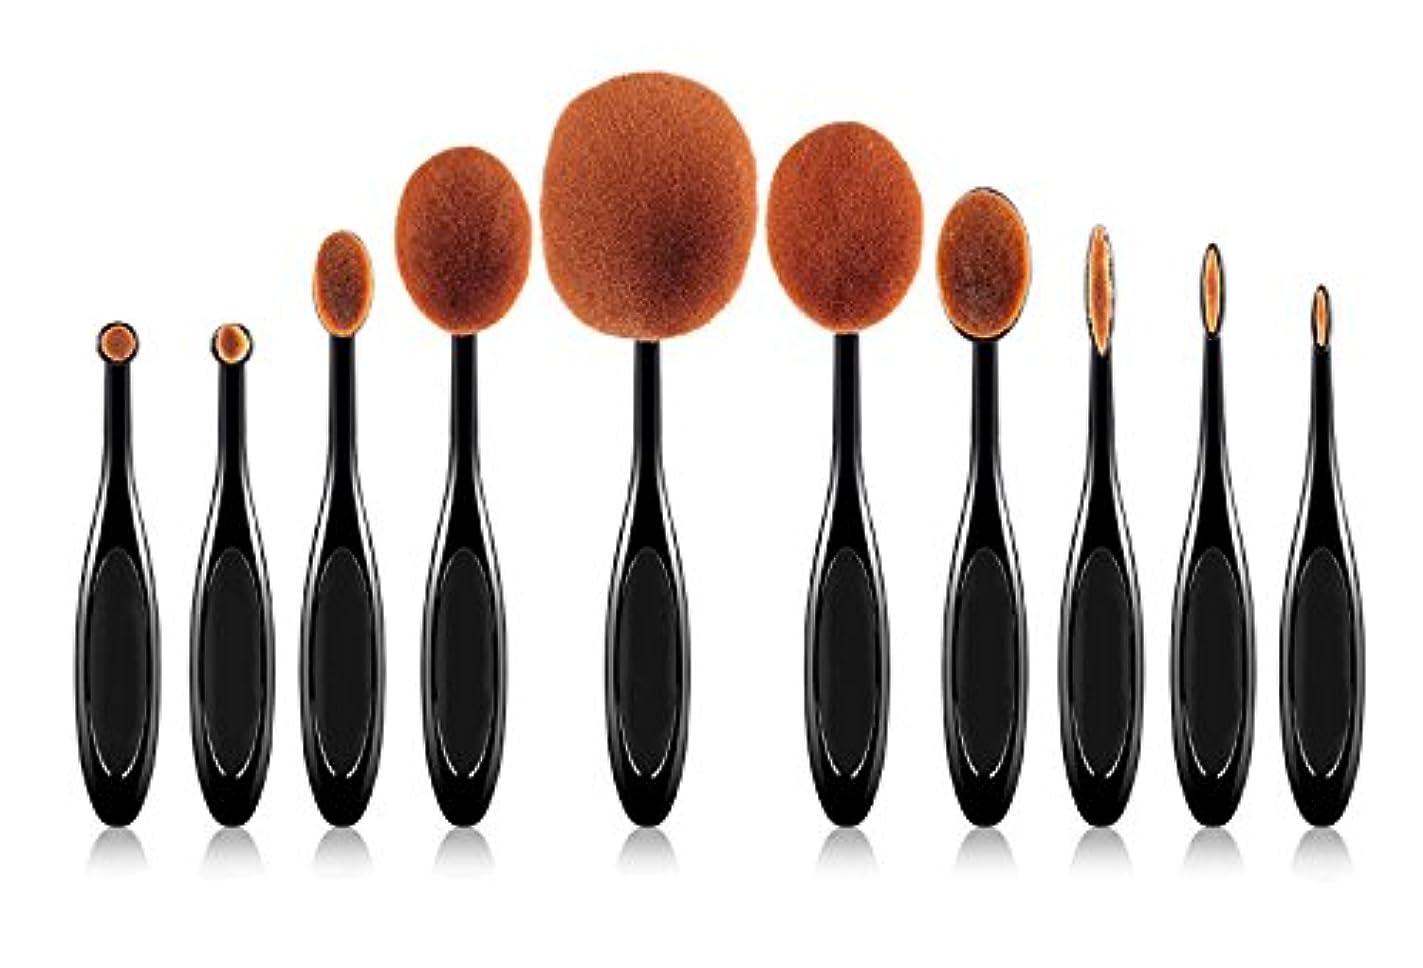 許さない資源決済KEDSUM メイクアップブラシ 歯ブラシ型 化粧ブラシセット メイクブラシ ファンデーションブラシ メイク道具 10本セット (2)